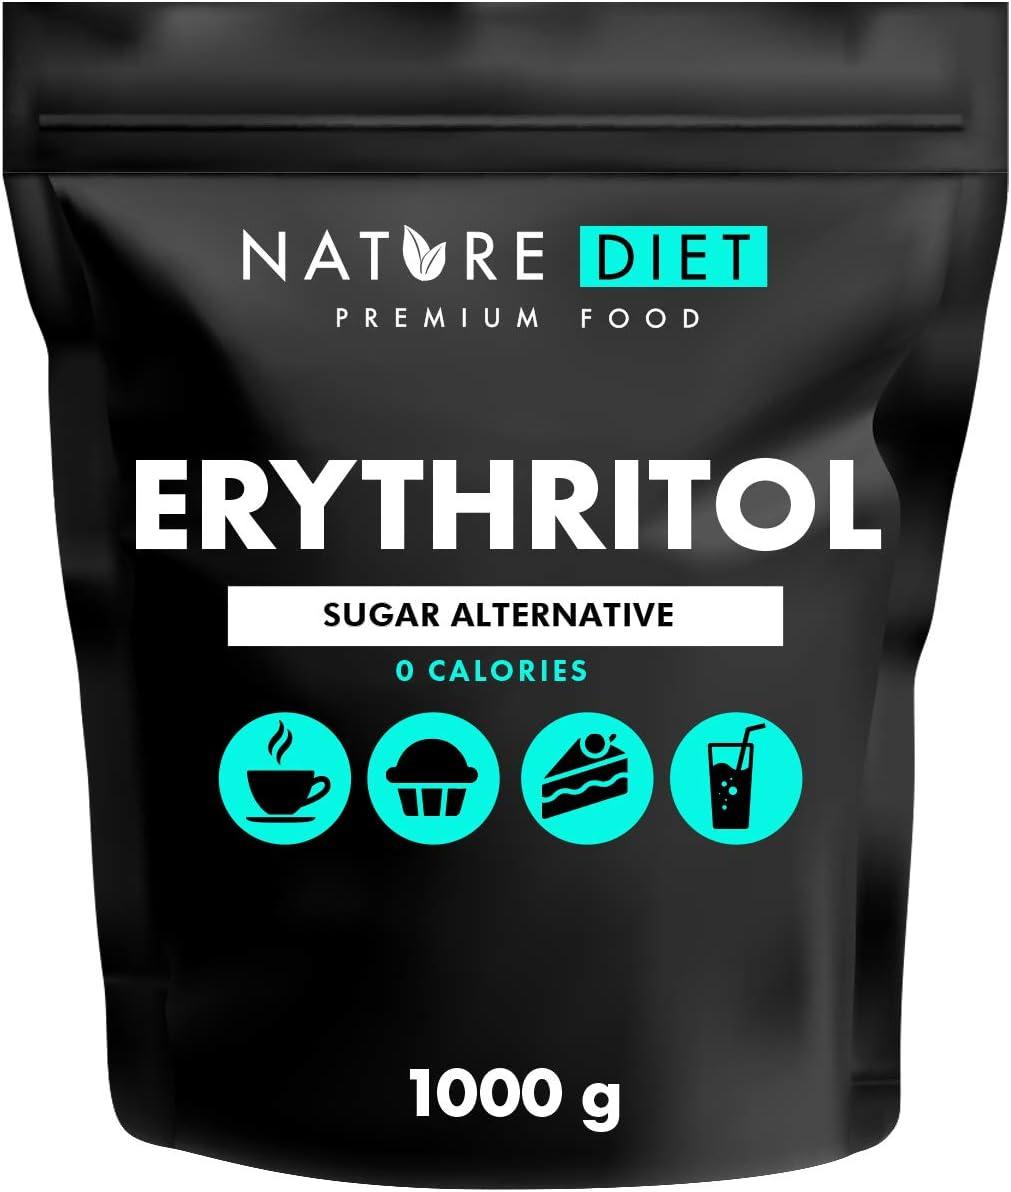 Nature Diet - Eritritol 1000g | Edulcorante natural | Cero calorías | Reemplazo de azúcar | Sustituto de azúcar